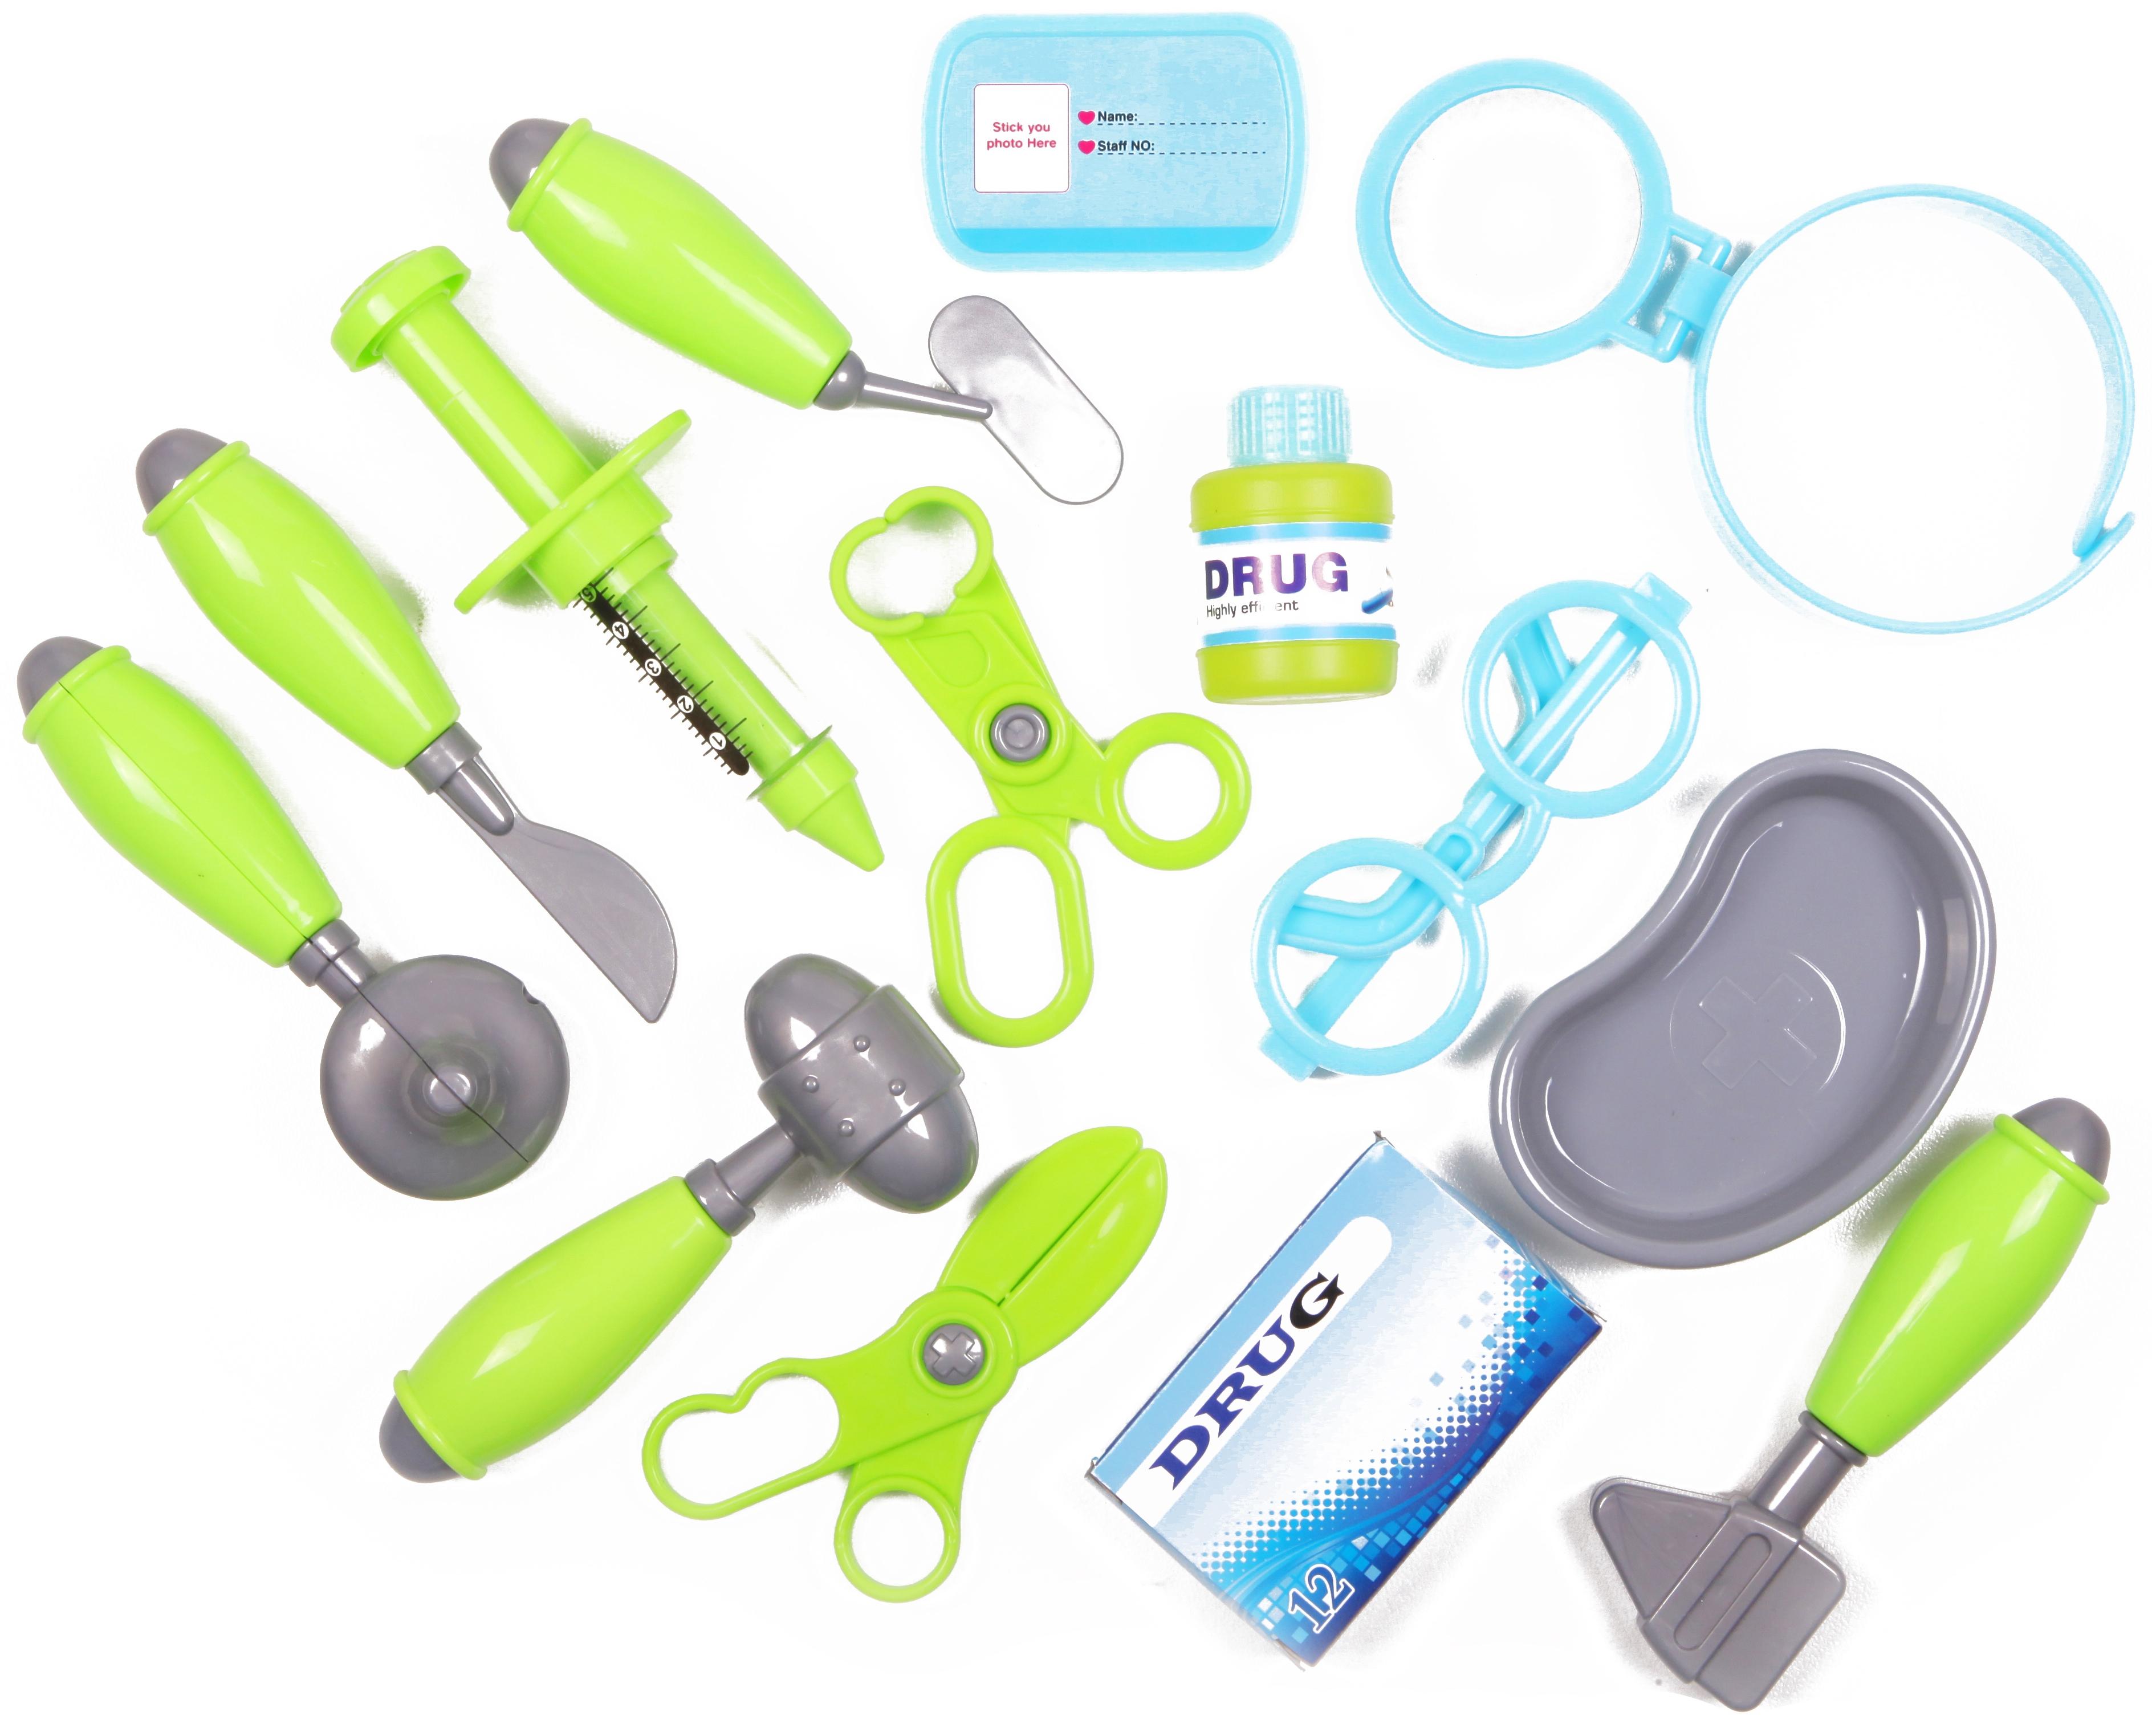 Игровые наборы Профессия YAKO Доктор 15 предметов Y12481155 ролевые игры игруша игровой набор продукты 10 предметов